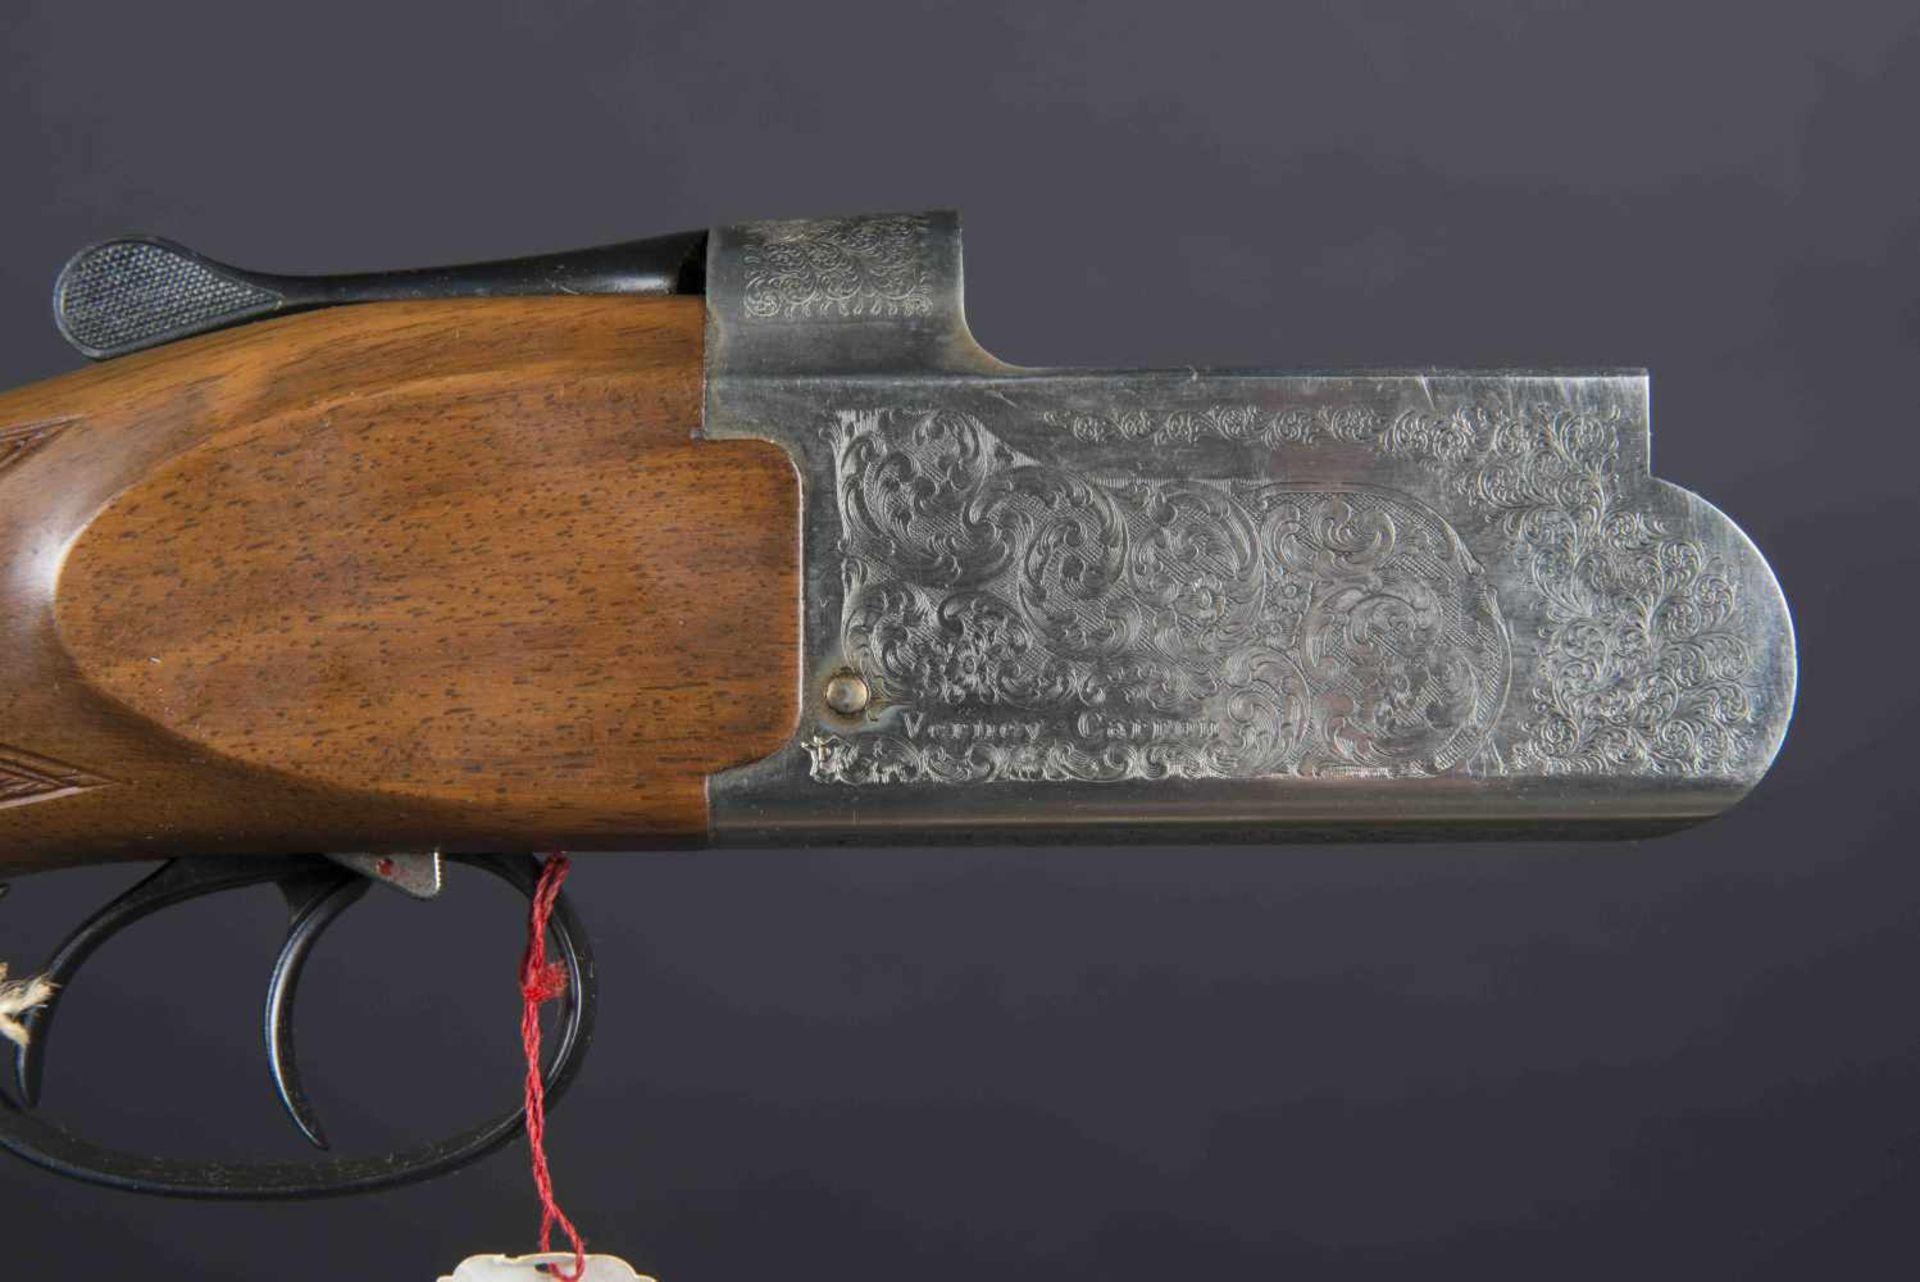 Fusil superposé Verney Carron Catégorie C Calibre 12/70, numéro 504891. Certificat du Banc d'Epreuve - Bild 2 aus 4